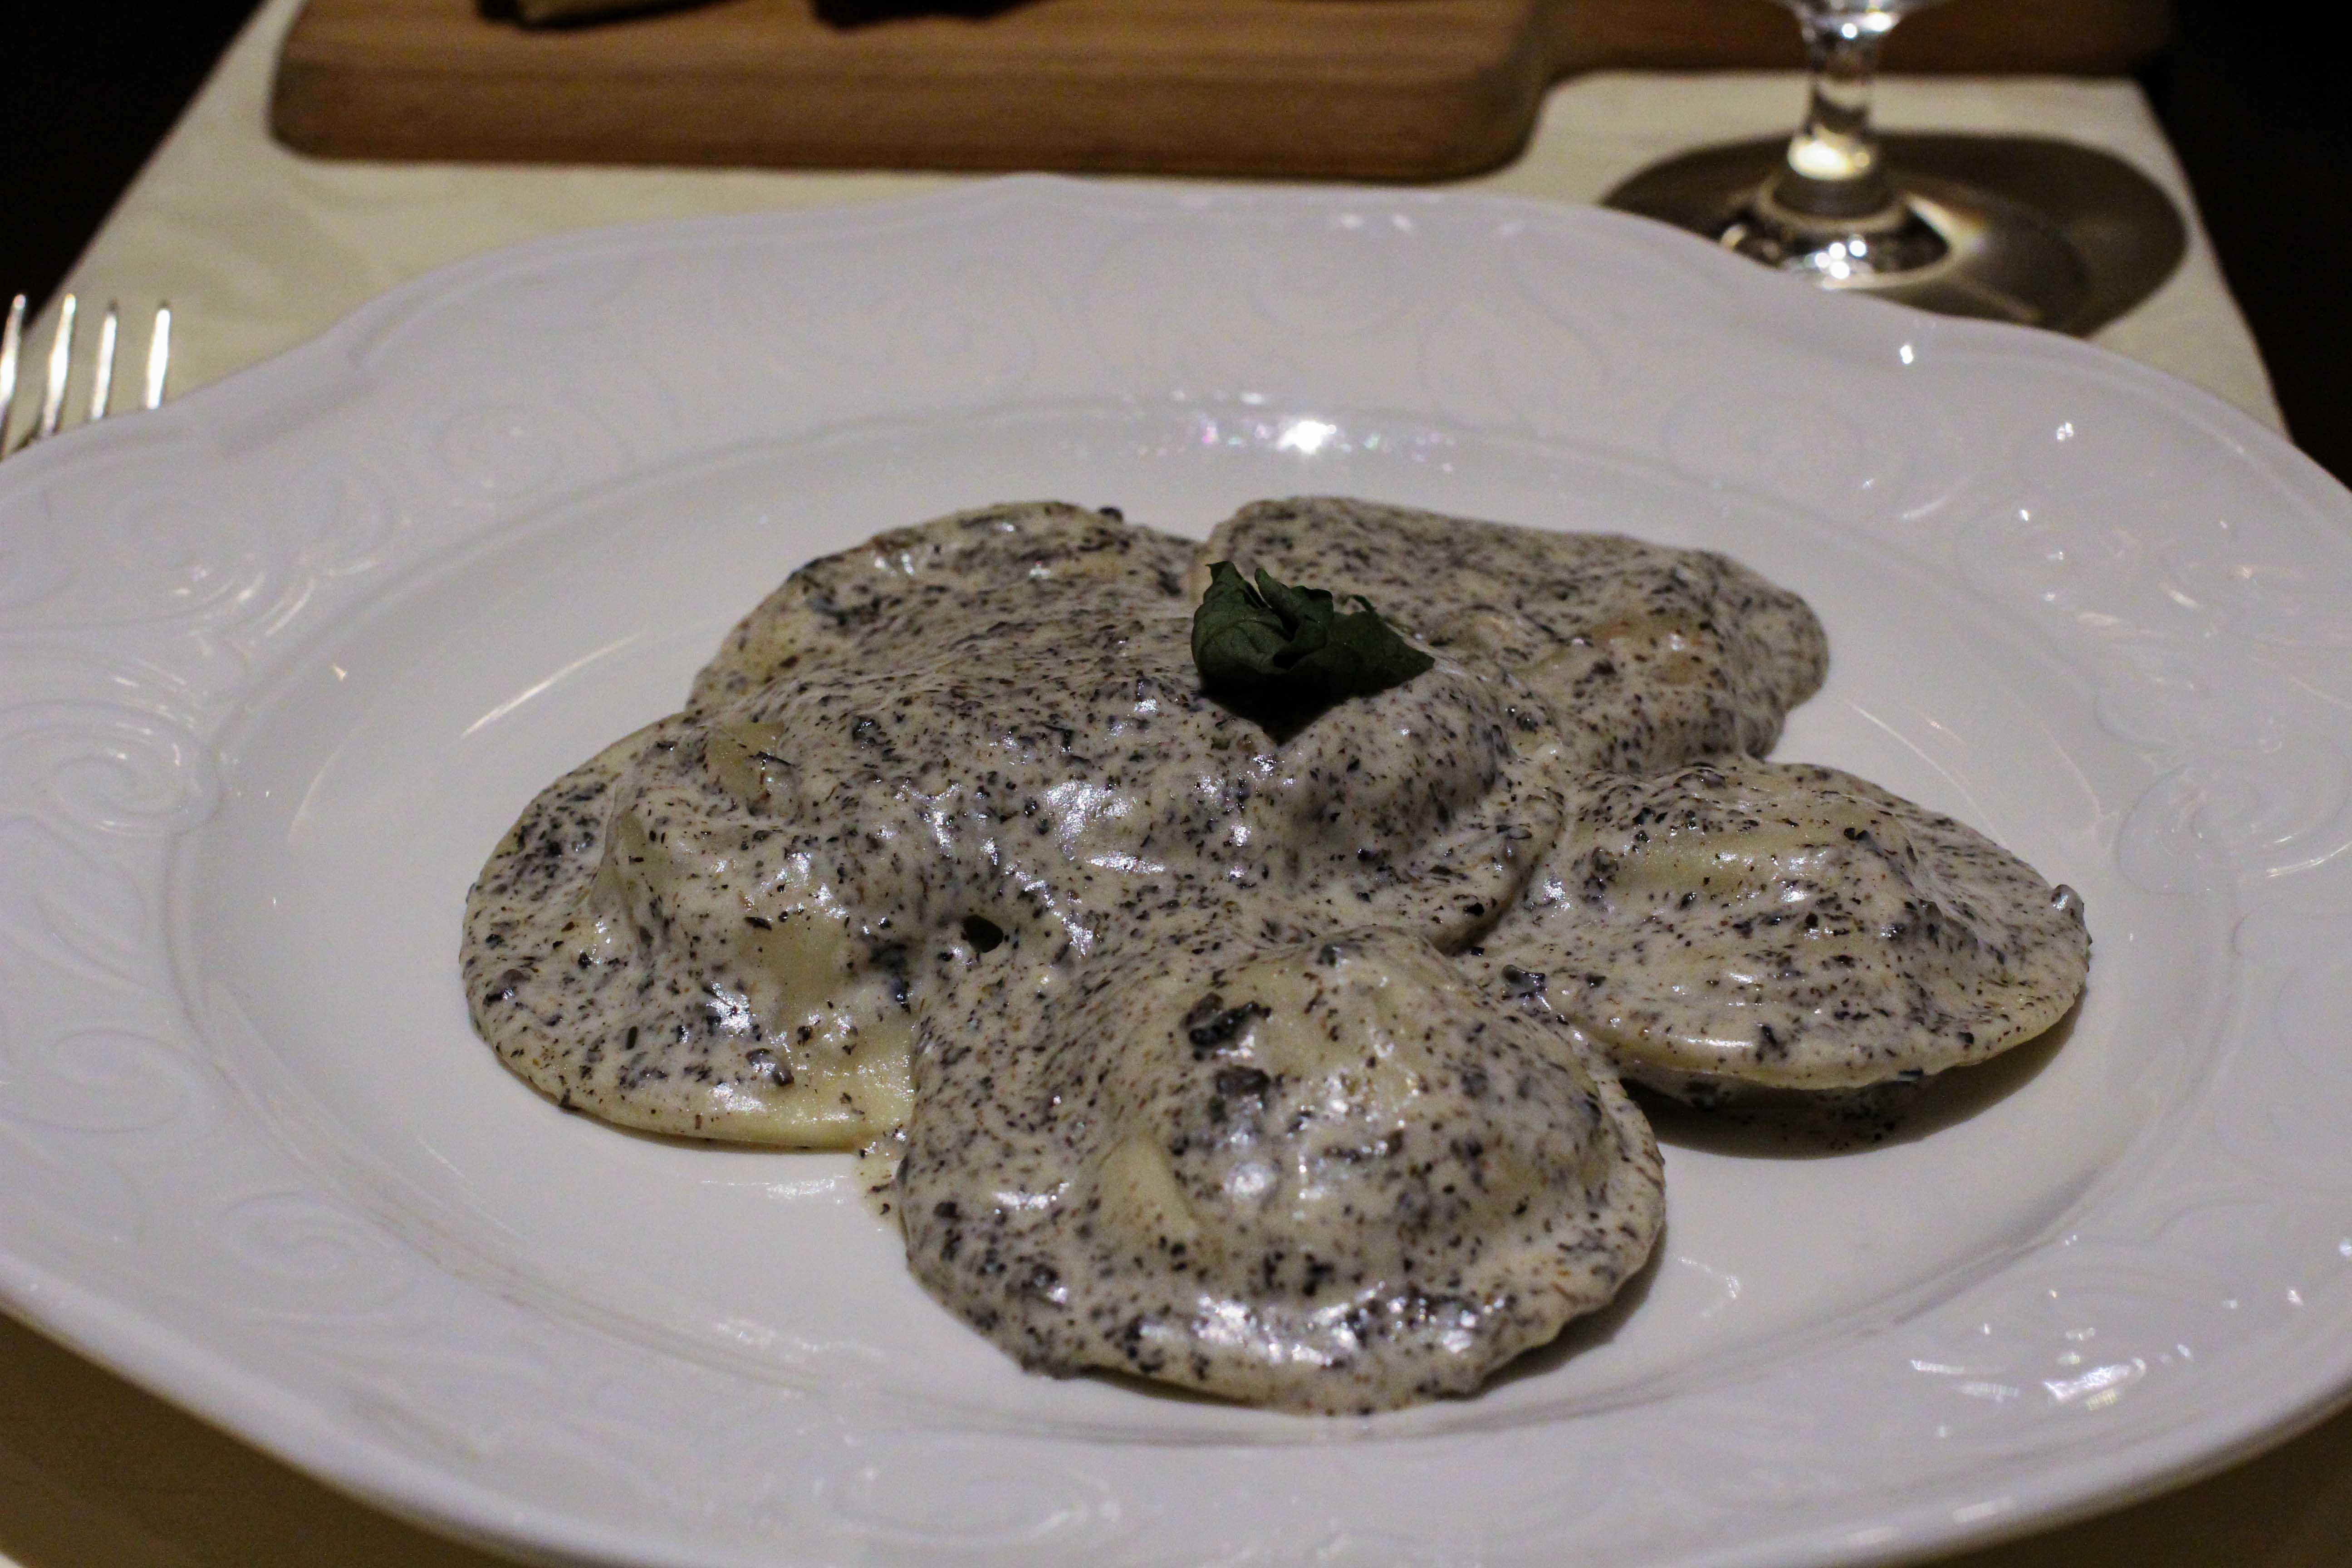 Warwick Hotel Doha Restaurant italienisch Ravioli Luxushotel 5 Sterne Hotel Qatar Reiseblog